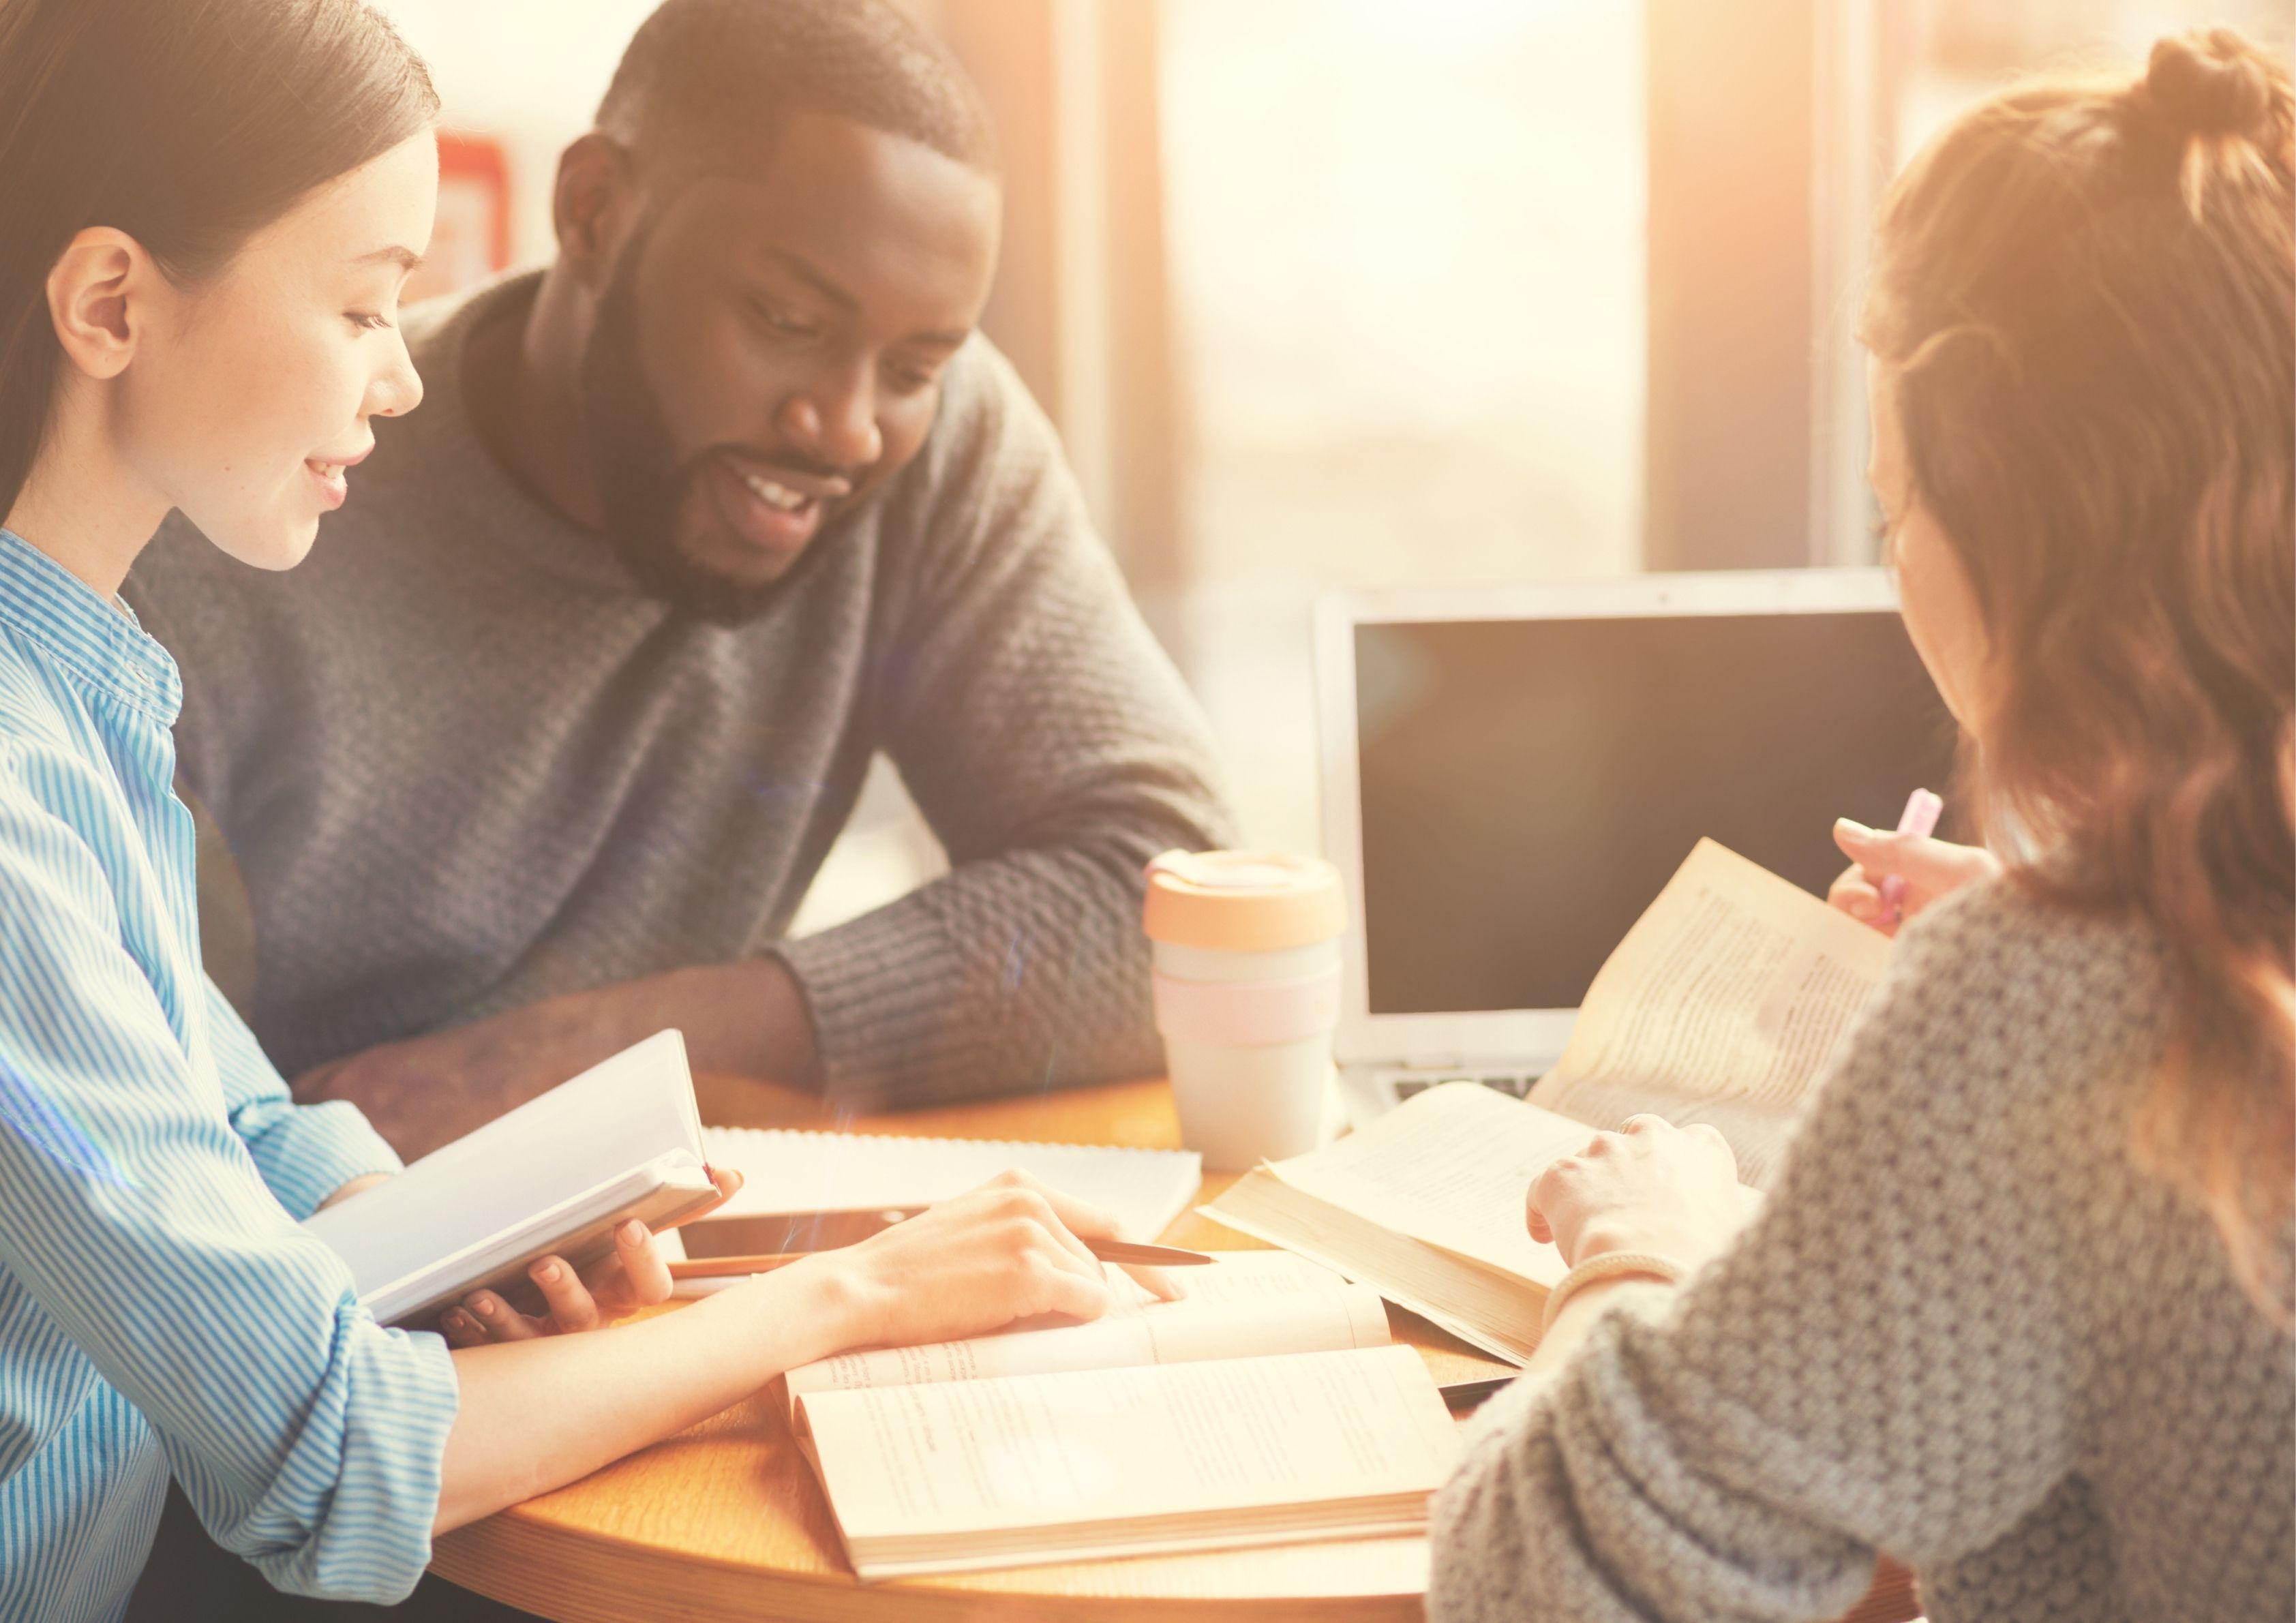 Acesse o plantão metodológico para interessados no mestrado em Ciências Sociais